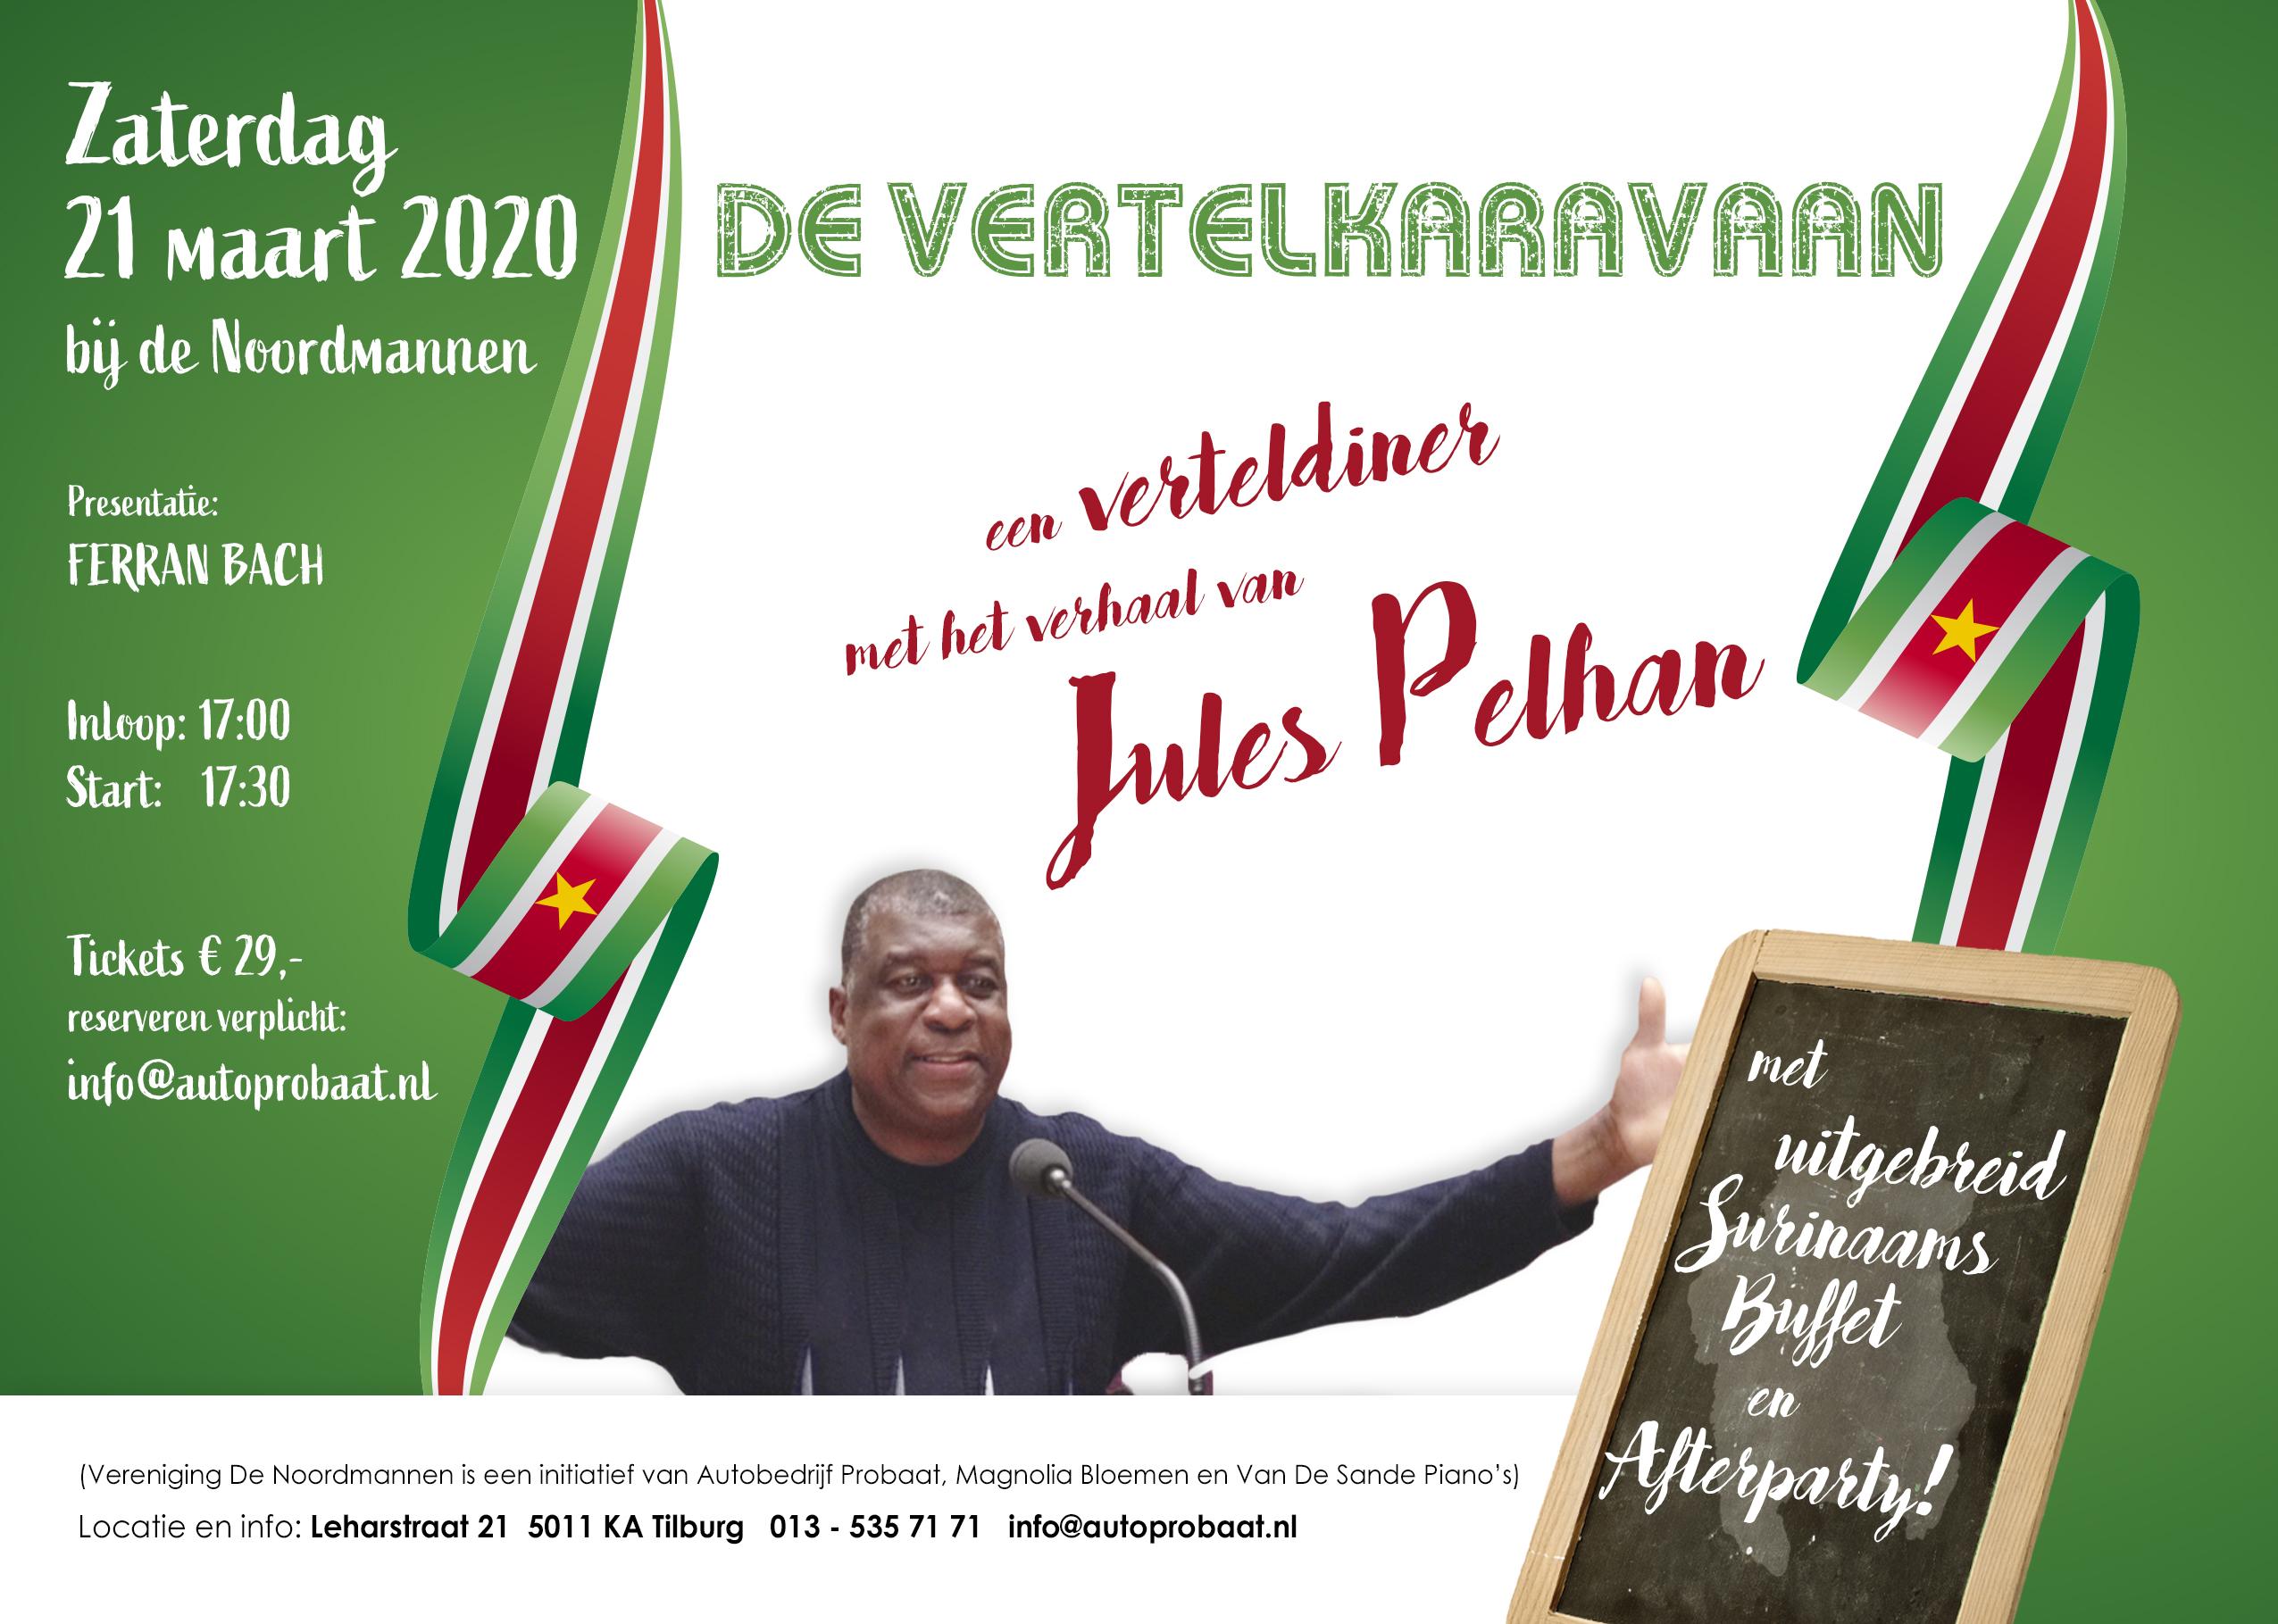 flyer_A5_JulesPelhaan